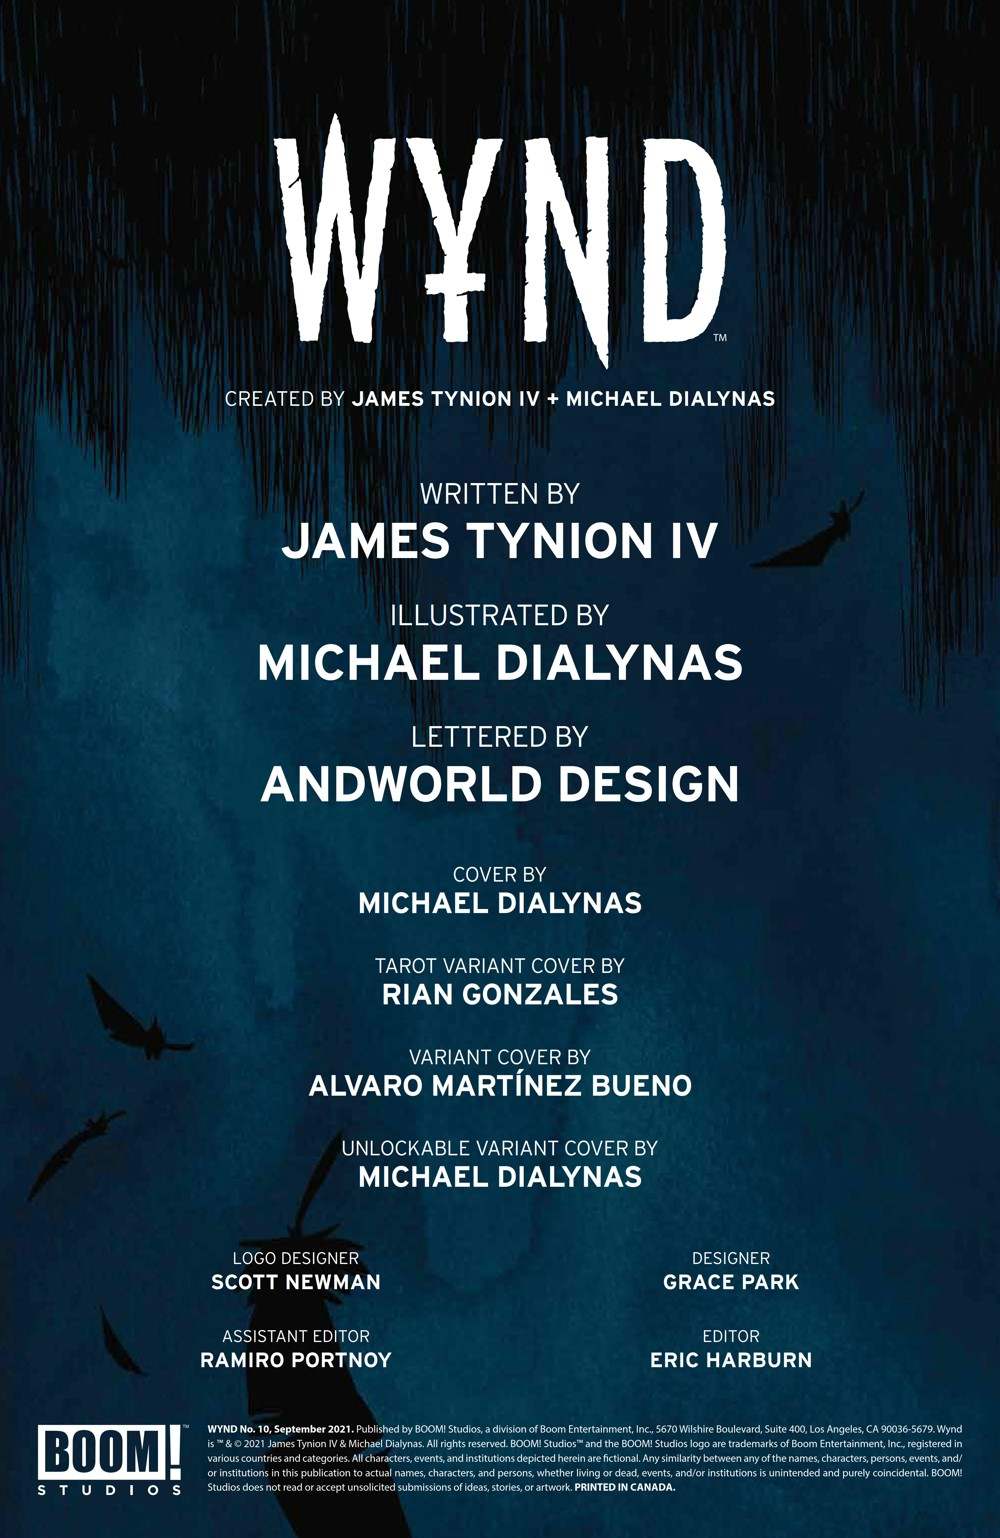 Wynd_010_PRESS_2 ComicList Previews: WYND #10